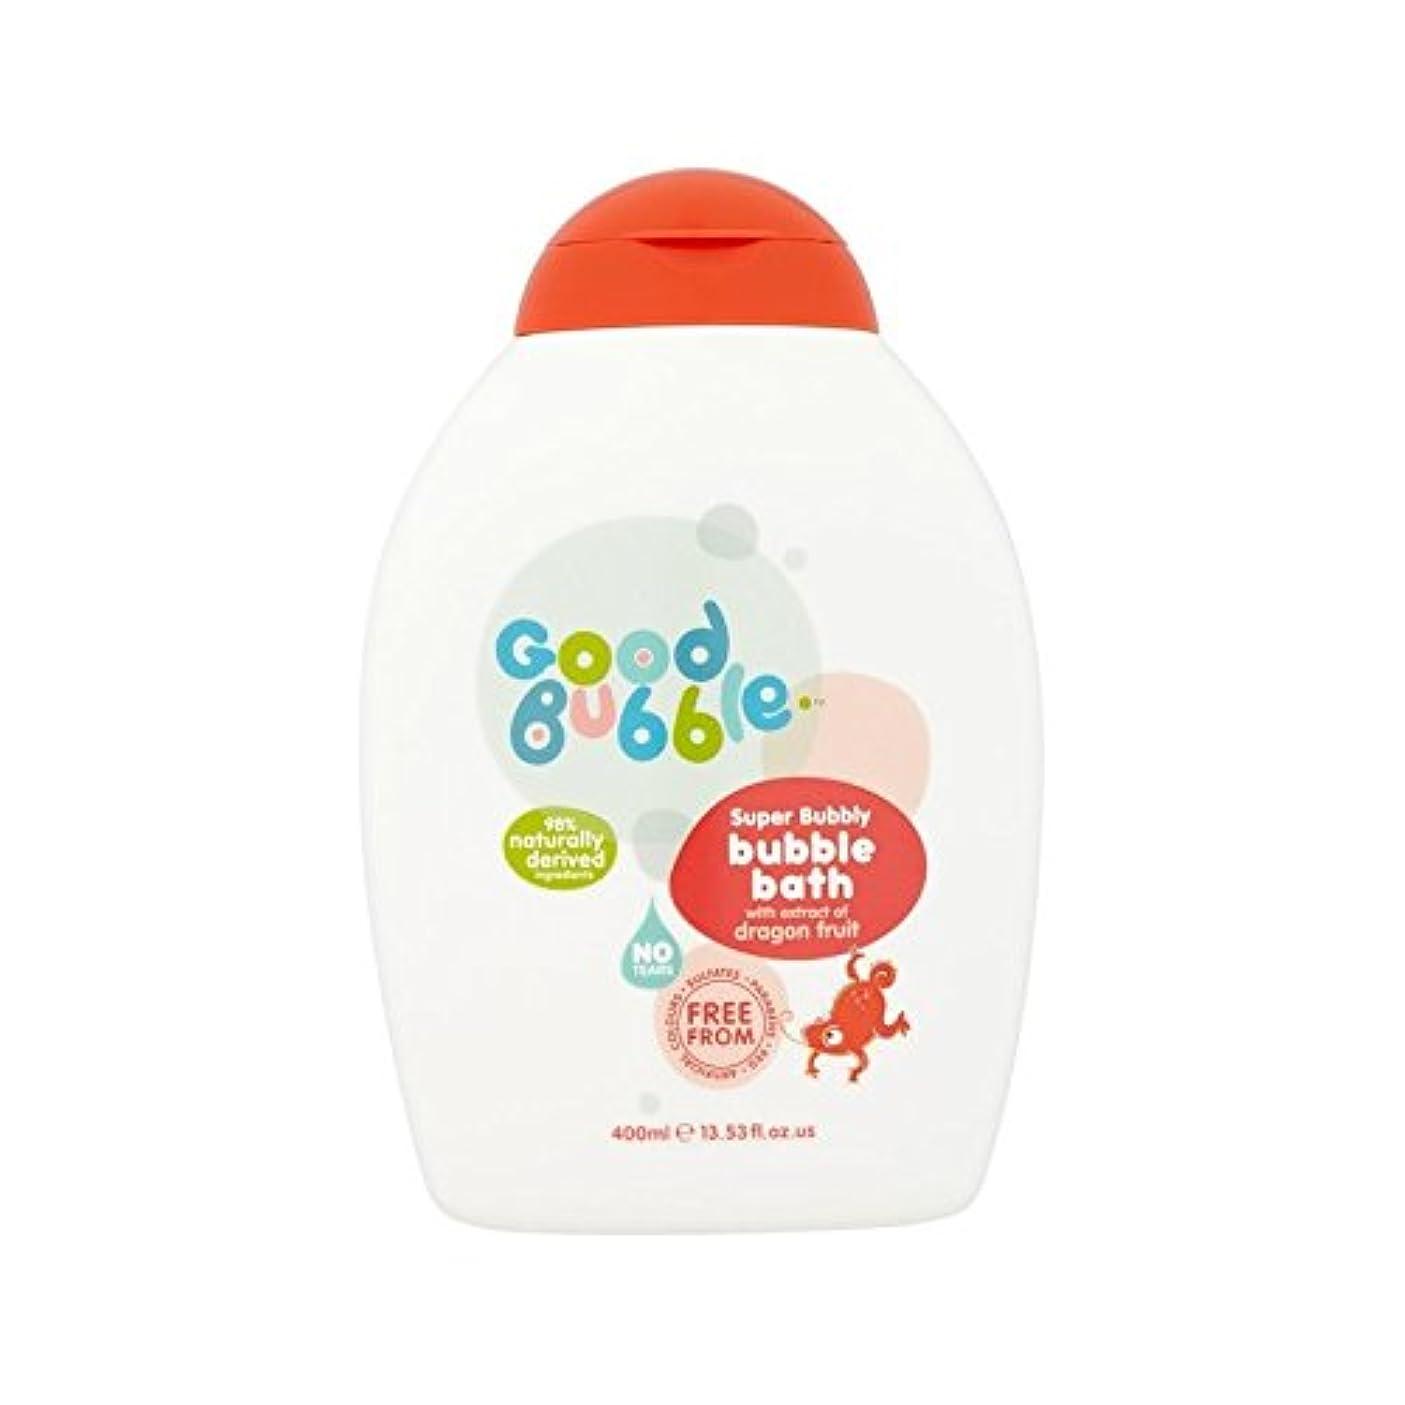 独裁オッズ乏しいドラゴンフルーツエキスの400ミリリットルと泡風呂 (Good Bubble) - Good Bubble Bubble Bath with Dragon Fruit Extract 400ml [並行輸入品]